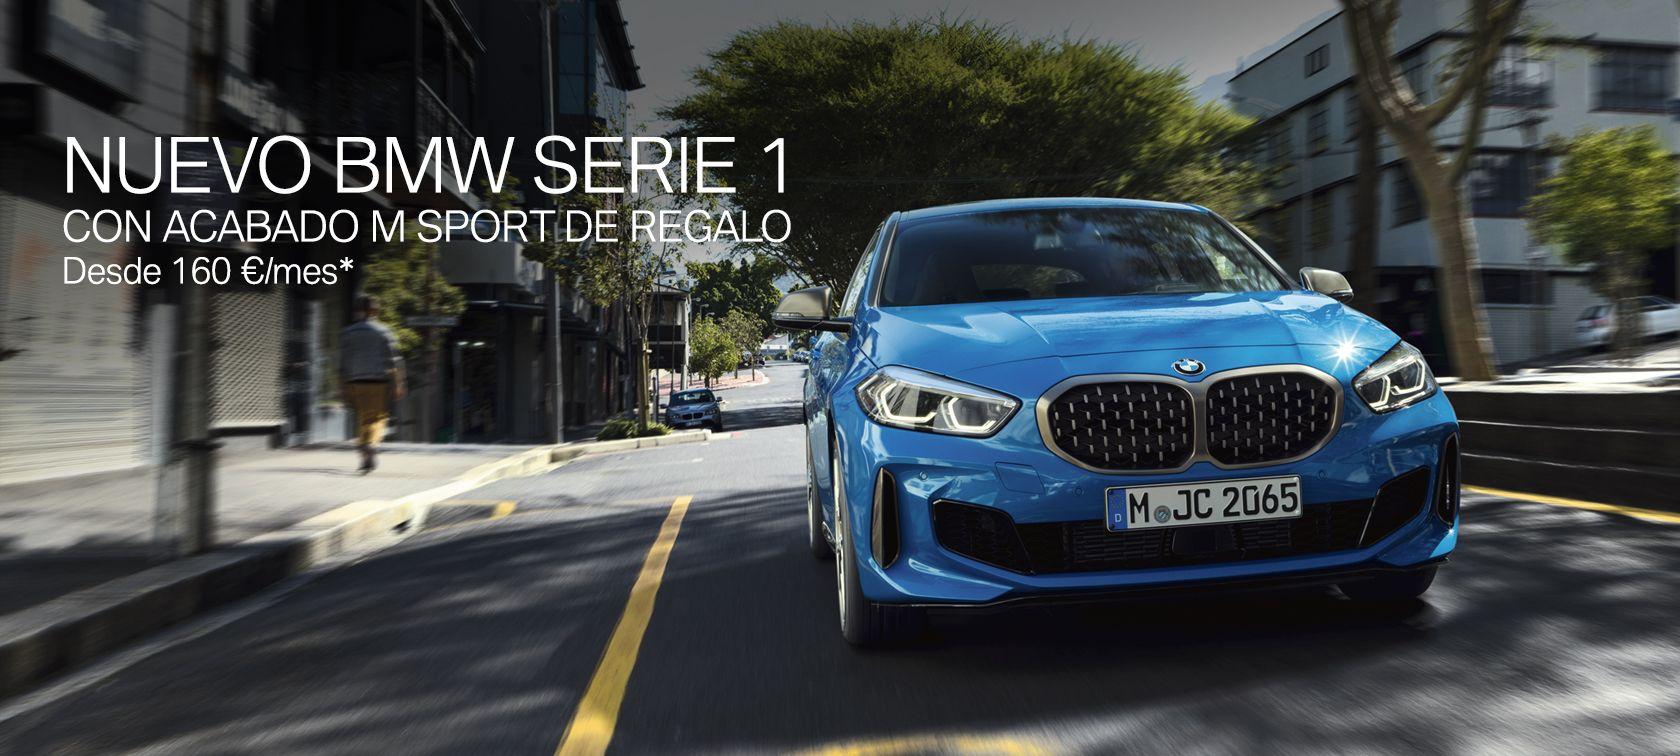 NUEVO BMW SERIE 1 CON ACABADO M SPORT DE REGALO